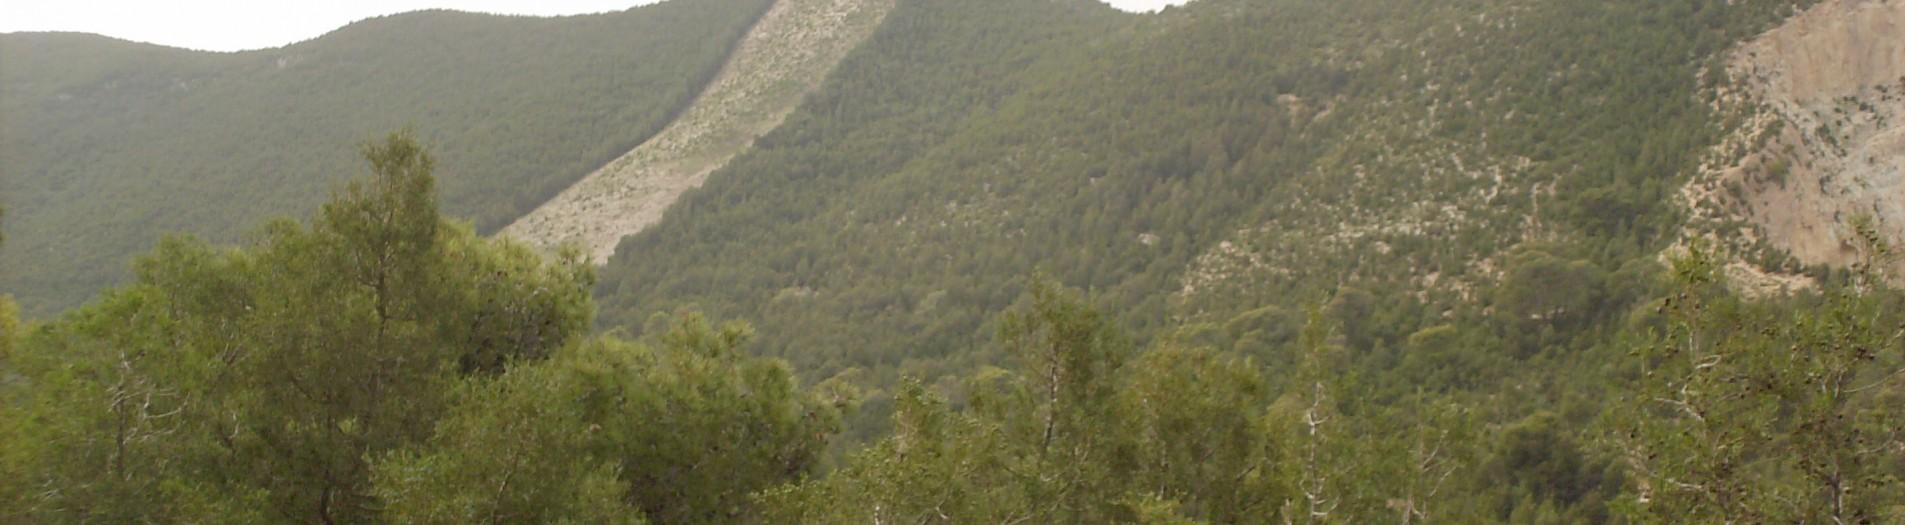 Boukornine : où se trouve le plus petit mammifère du monde